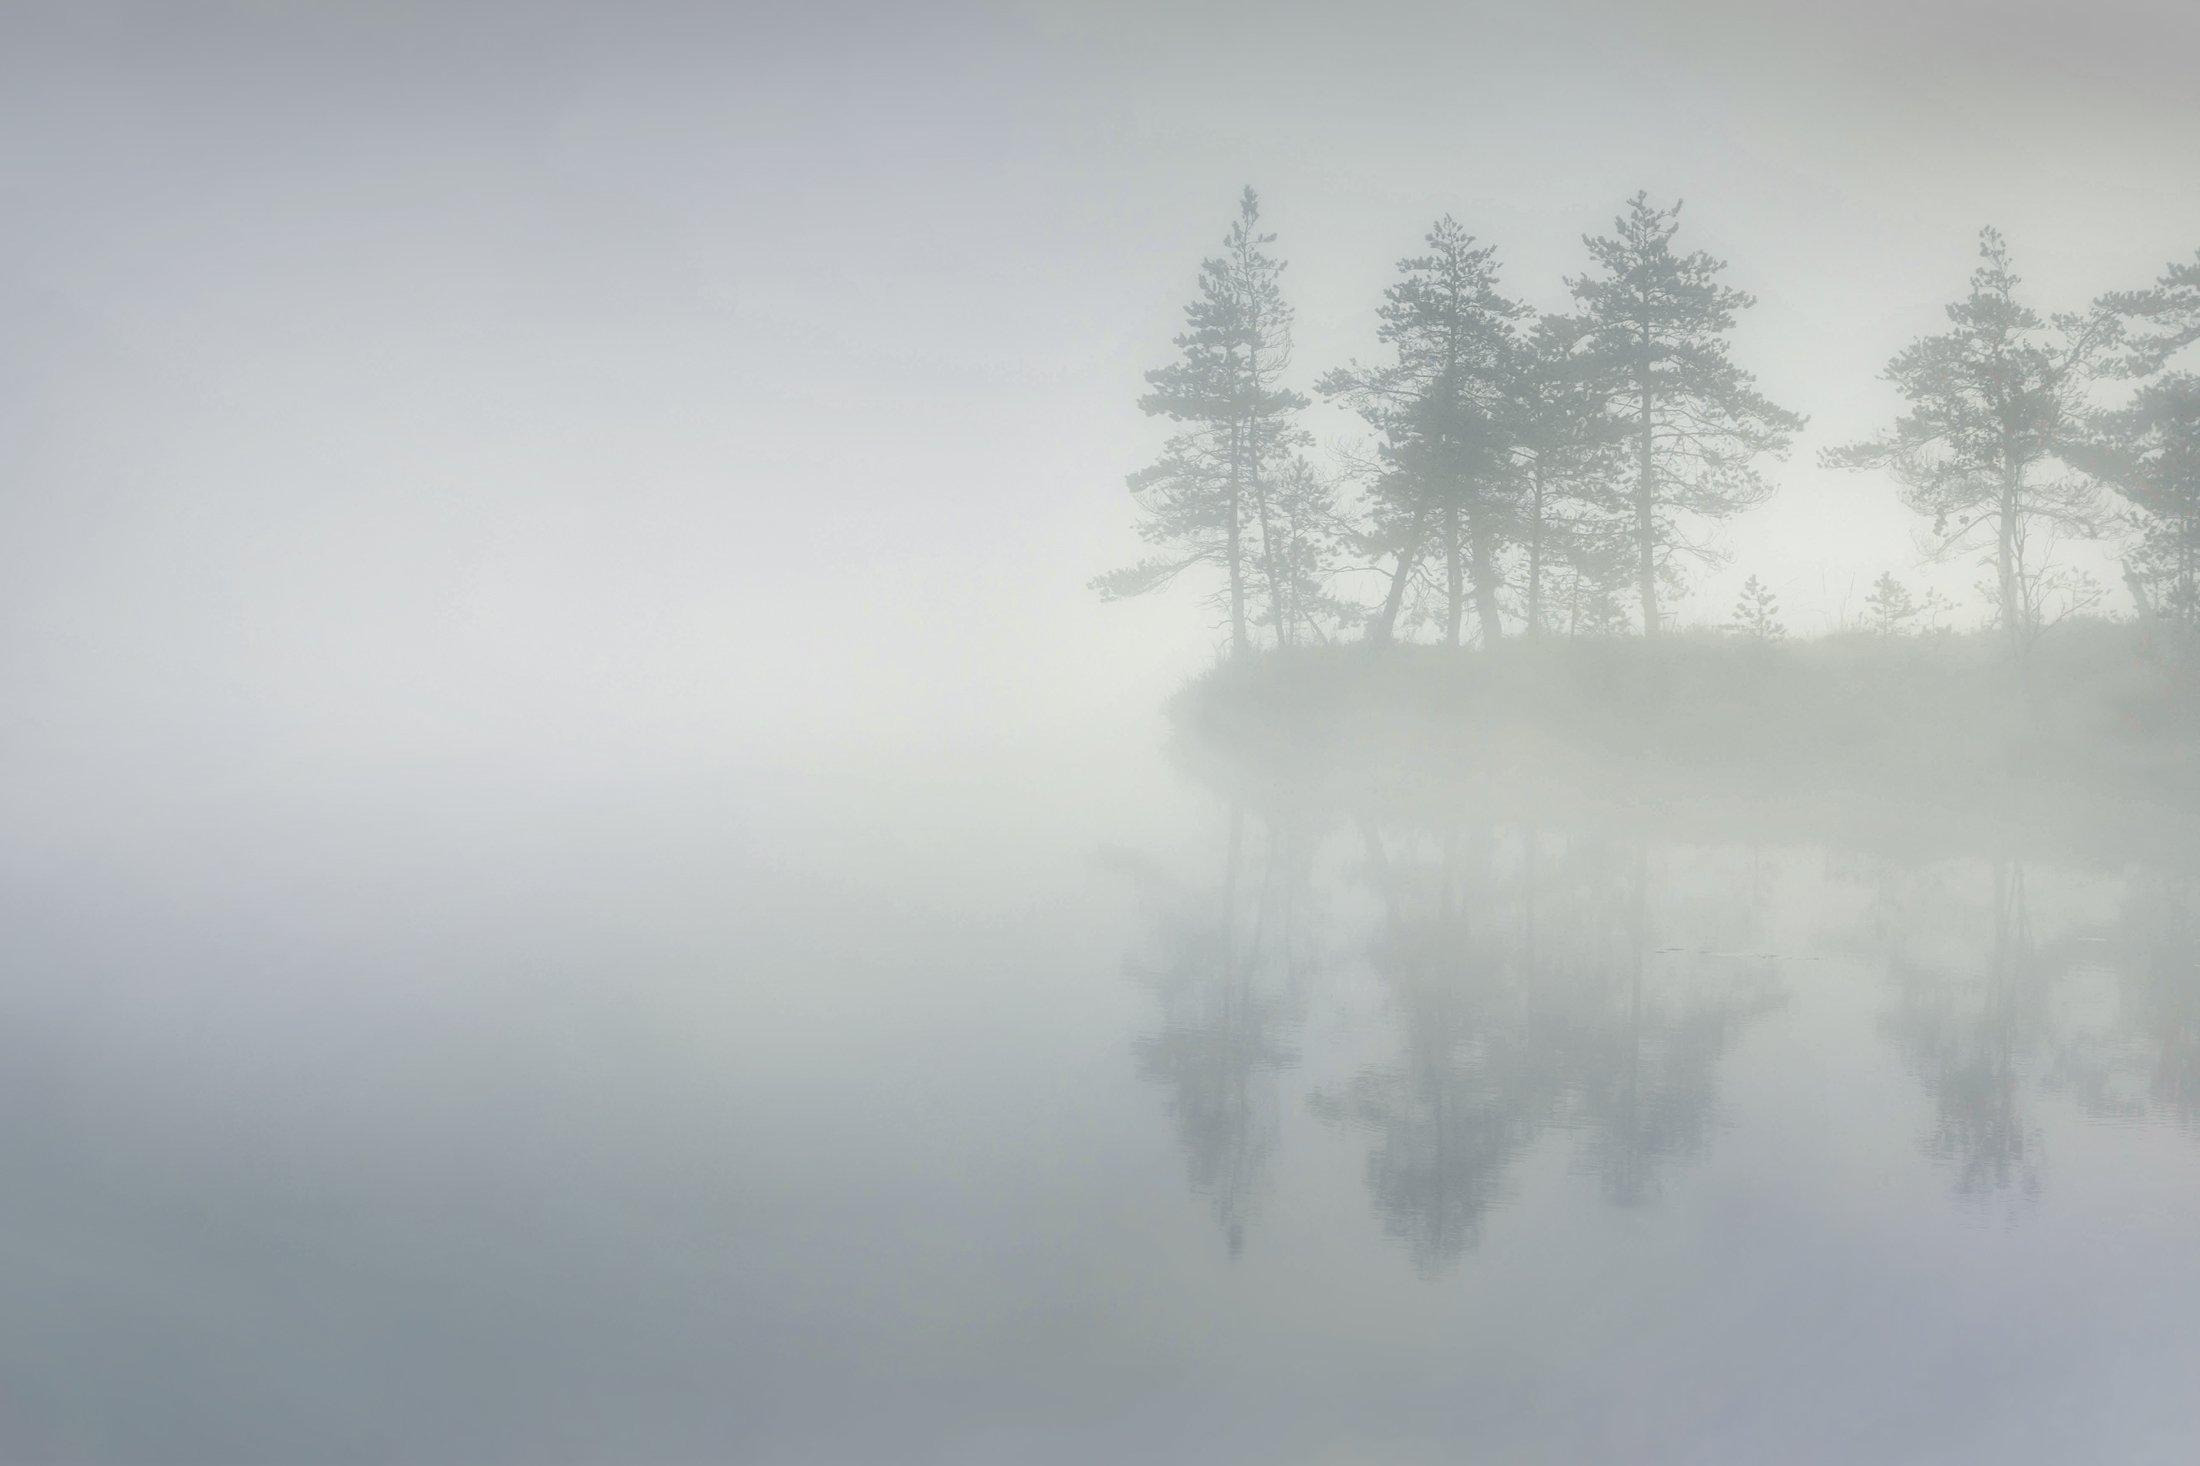 болото, кайф, рассвет ,север ,солнце, свет, закат, минимализм, отражение, фототур, Ващенков Павел